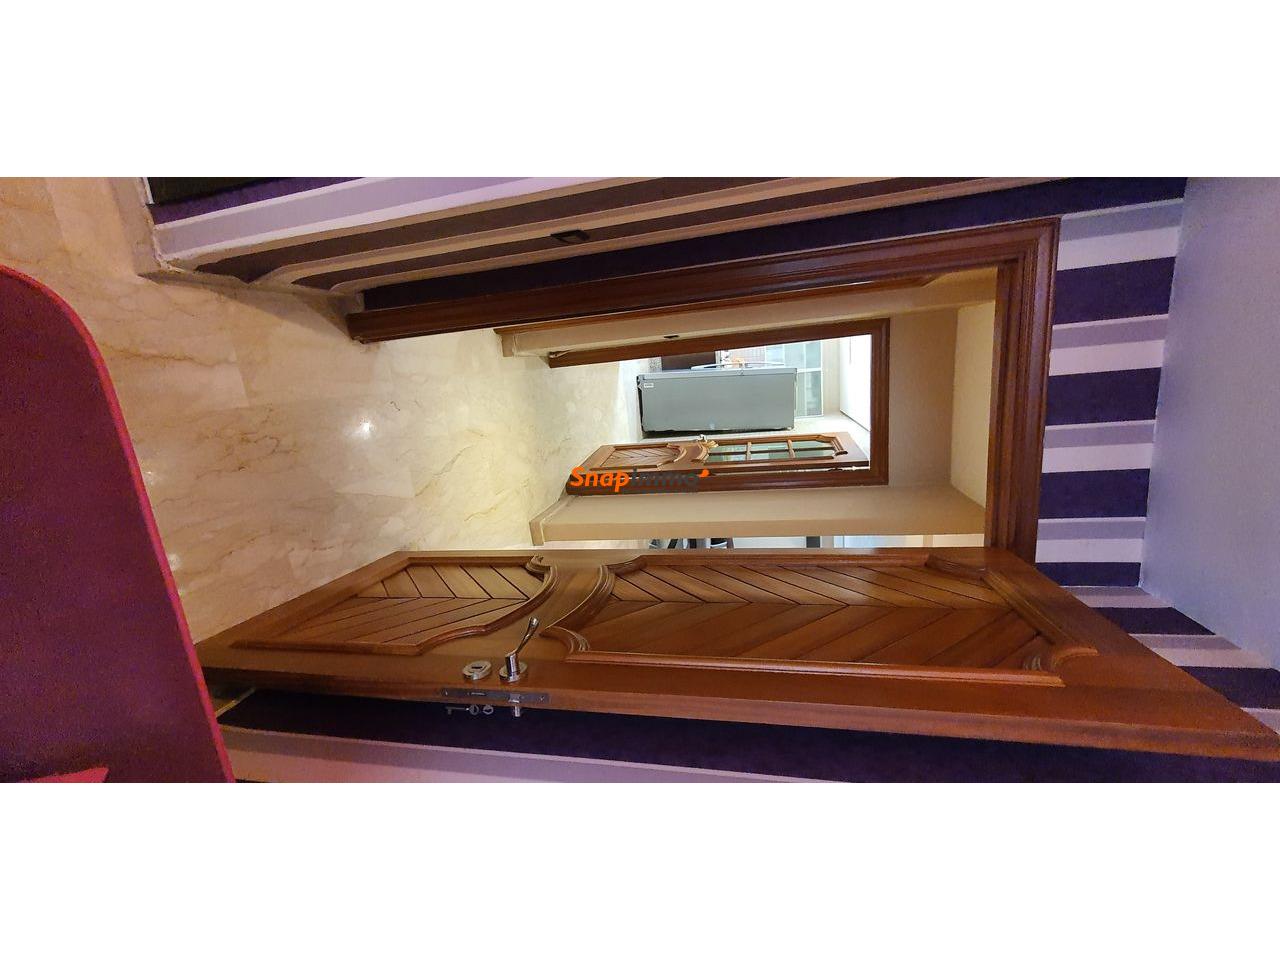 Tres bel appartement THS de 96 m2 A VENDRE a Bourgogne - 1/6